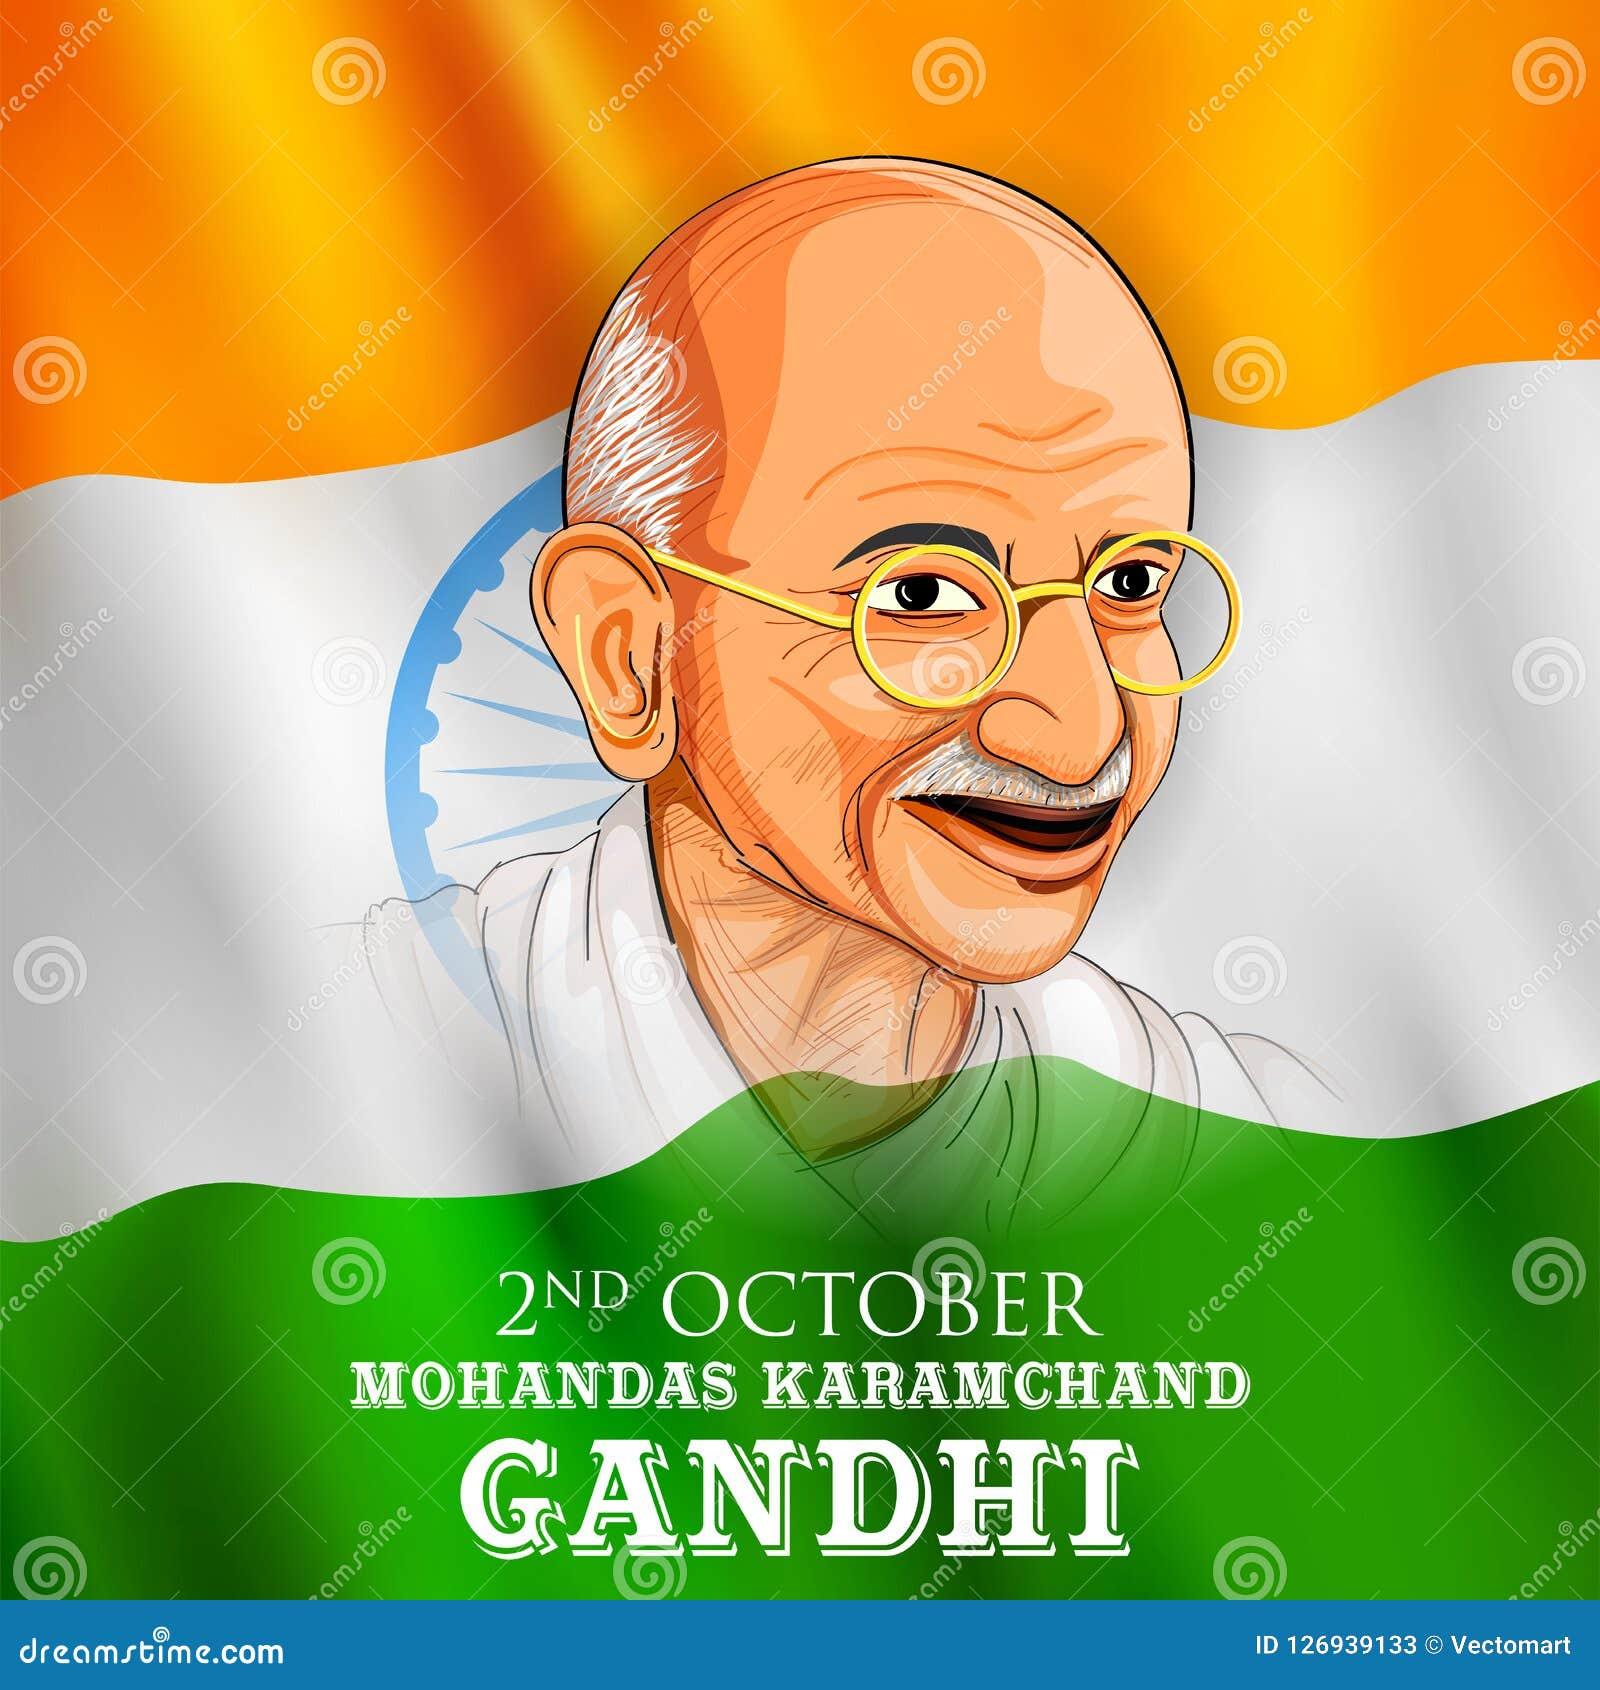 De achtergrond van India met Natieheld en Vrijheidsvechter Mahatma Gandhi voor Onafhankelijkheidsdag of Gandhi Jayanti